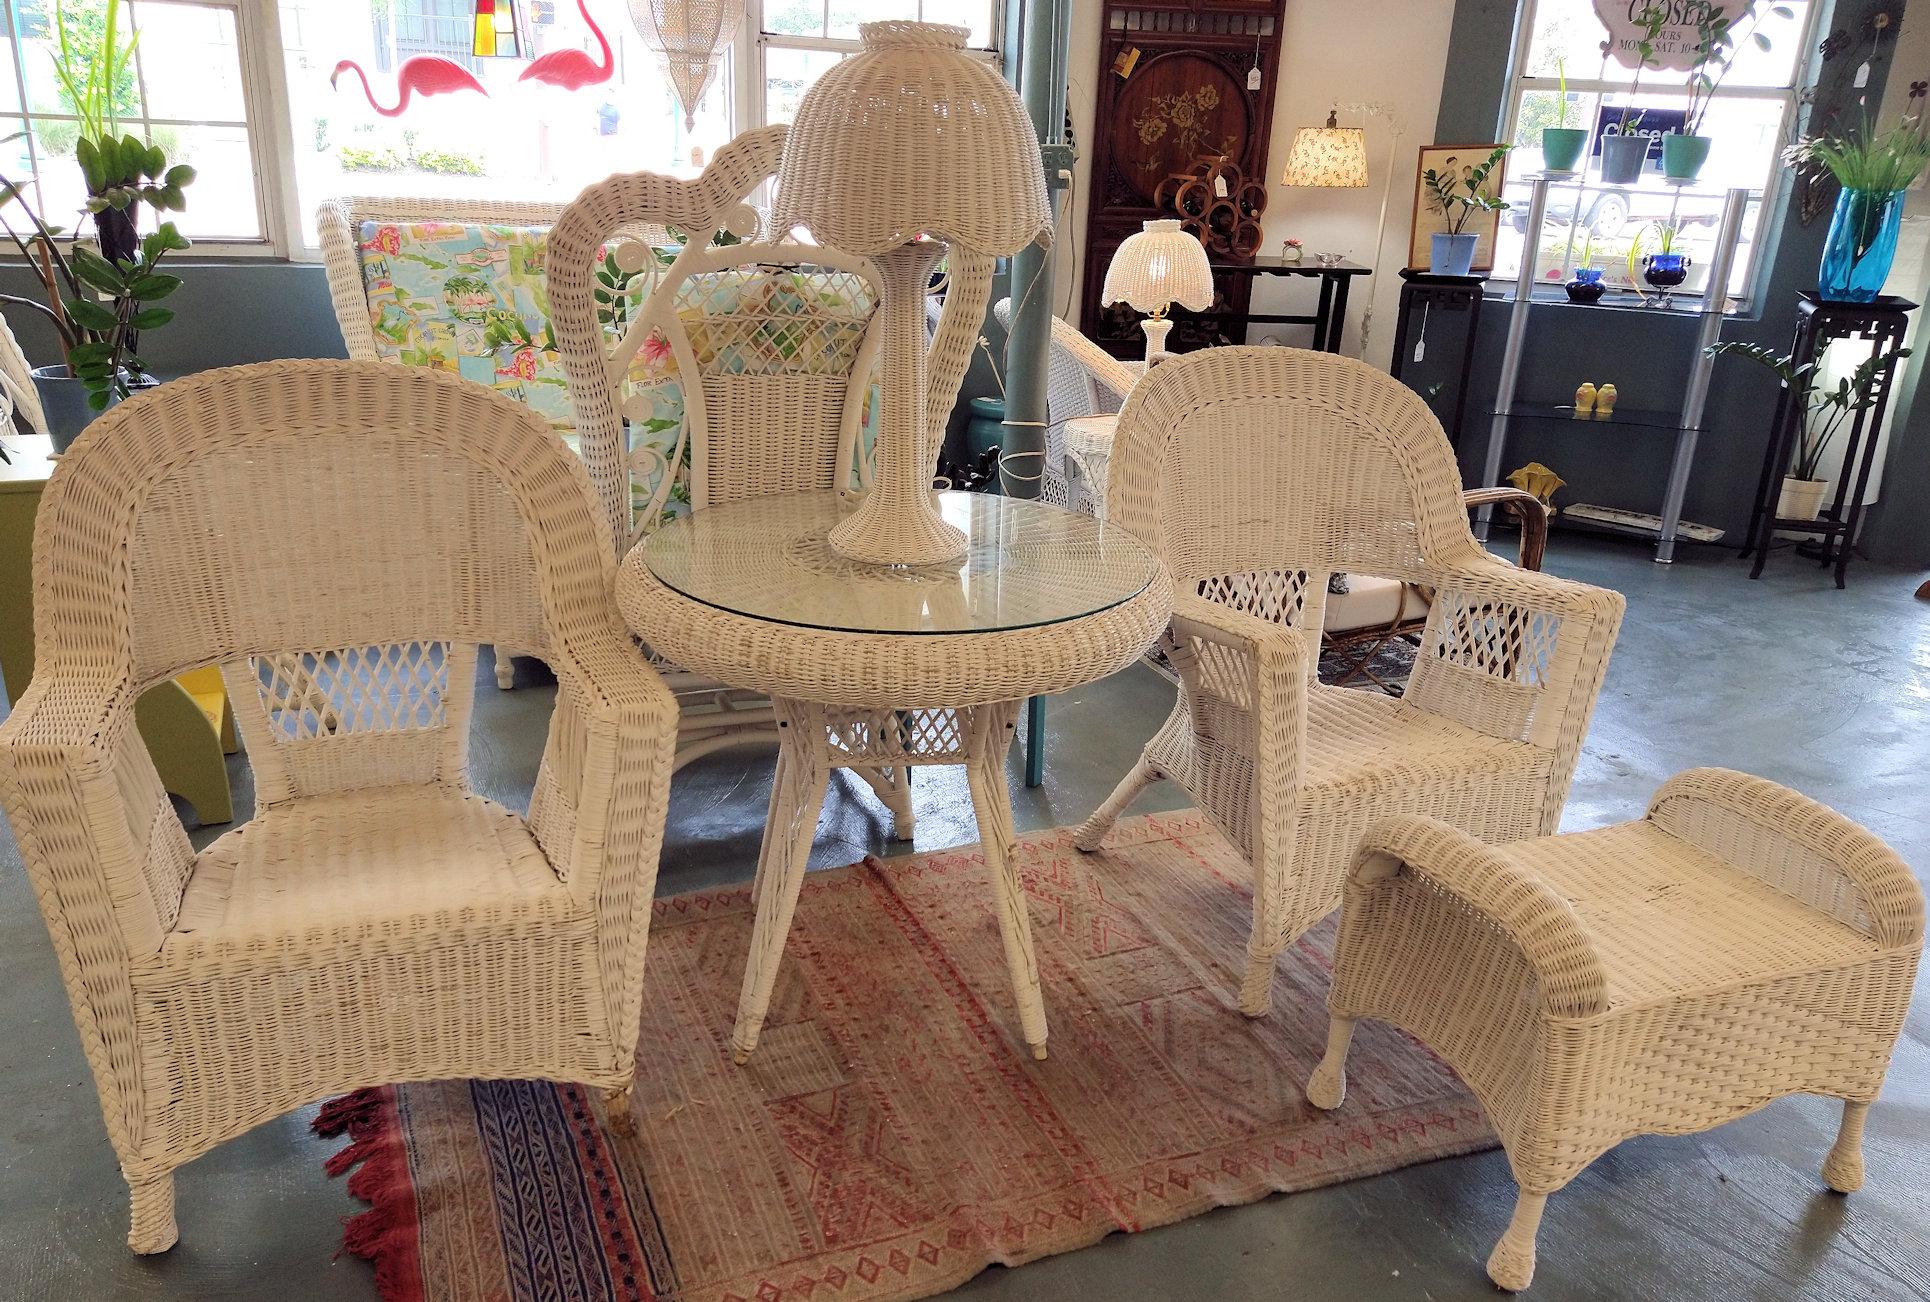 LA0078-Wicker-porch-items